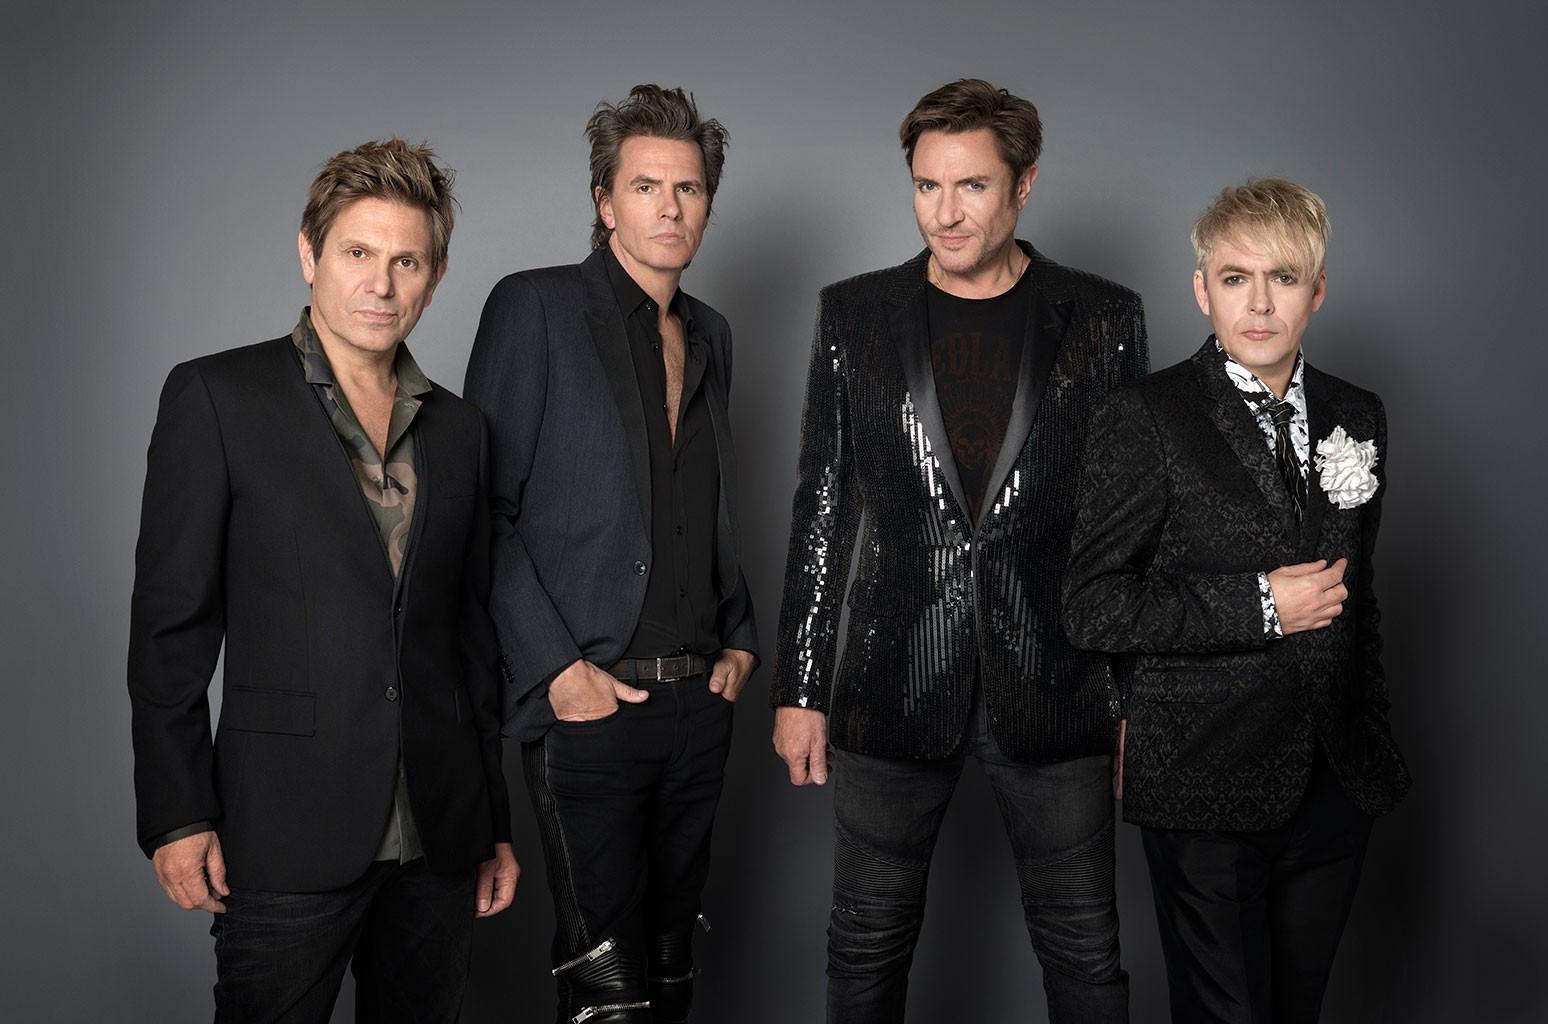 Участник конкурса «Голос» Аарон Конзельман взлетает с обложки Duran Duran: часы